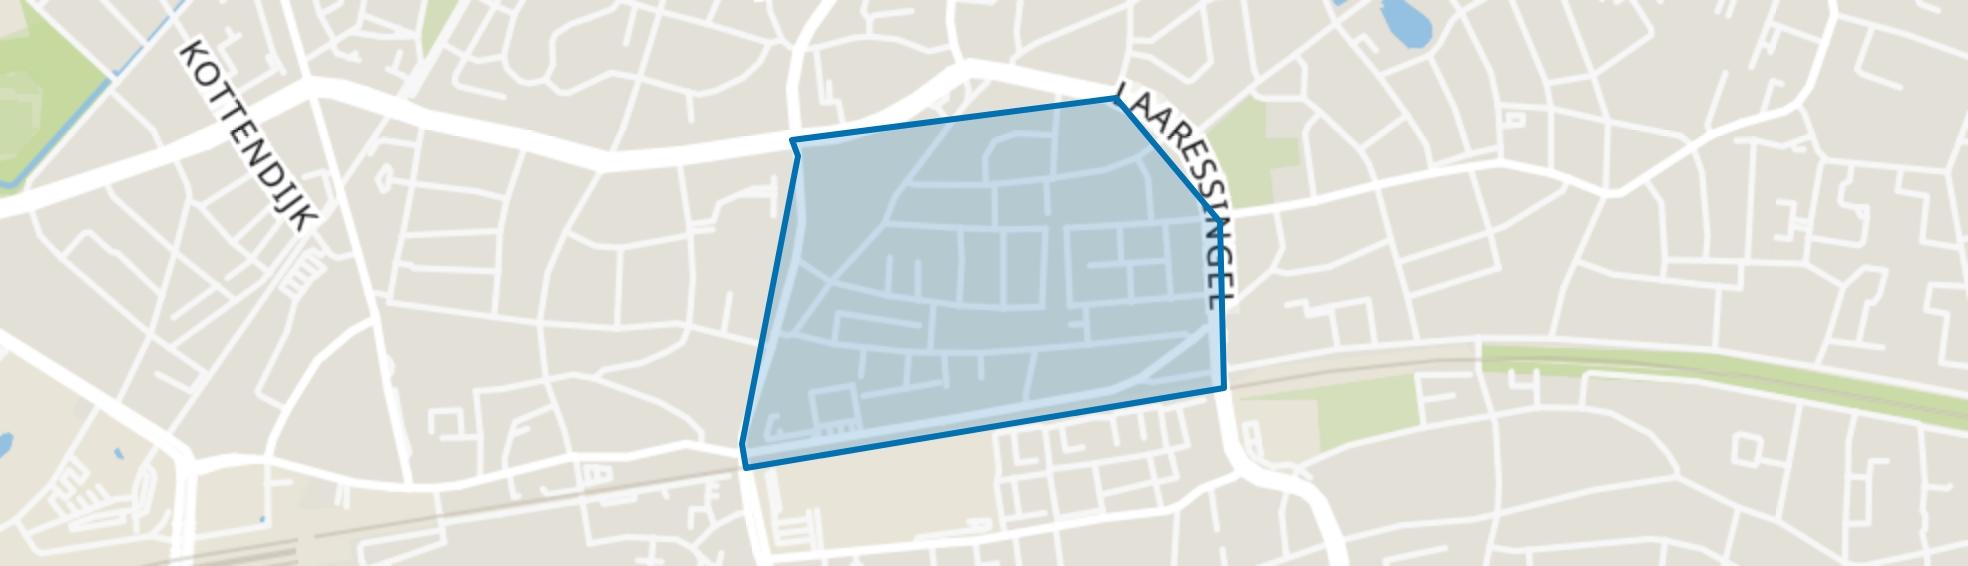 De Laares, Enschede map